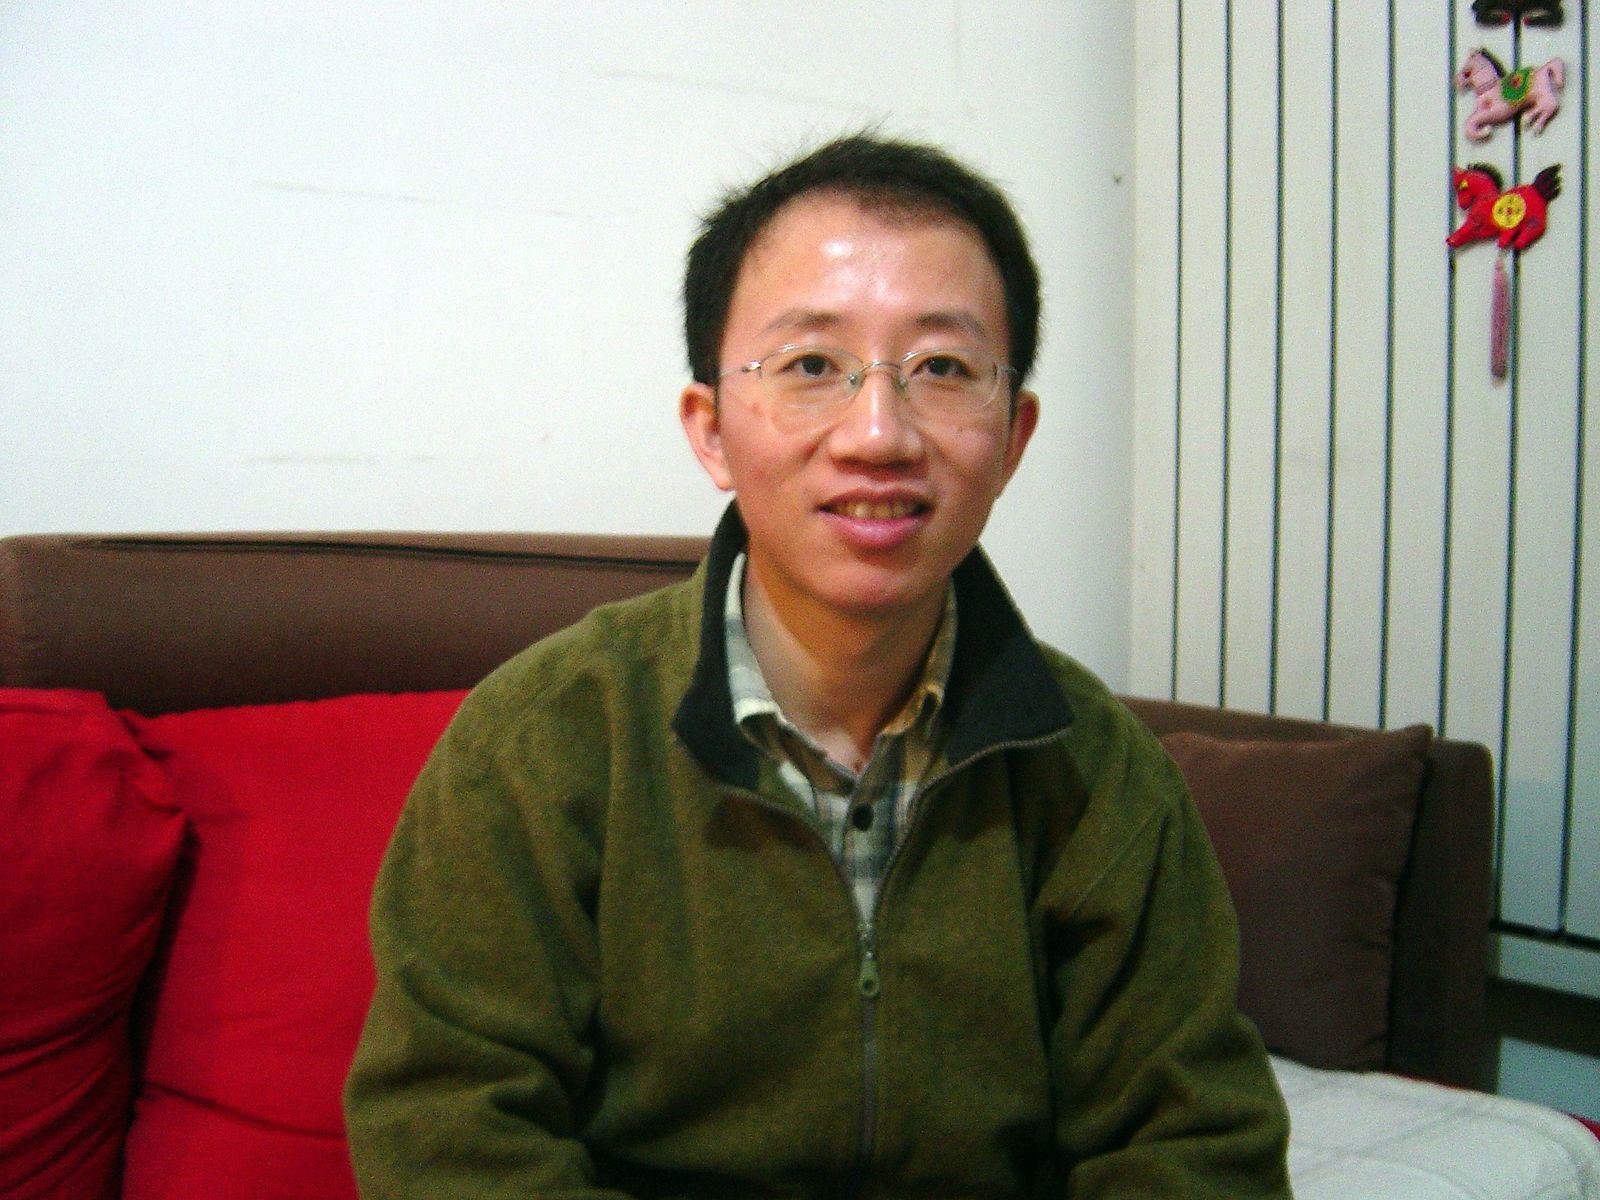 Hu Jia